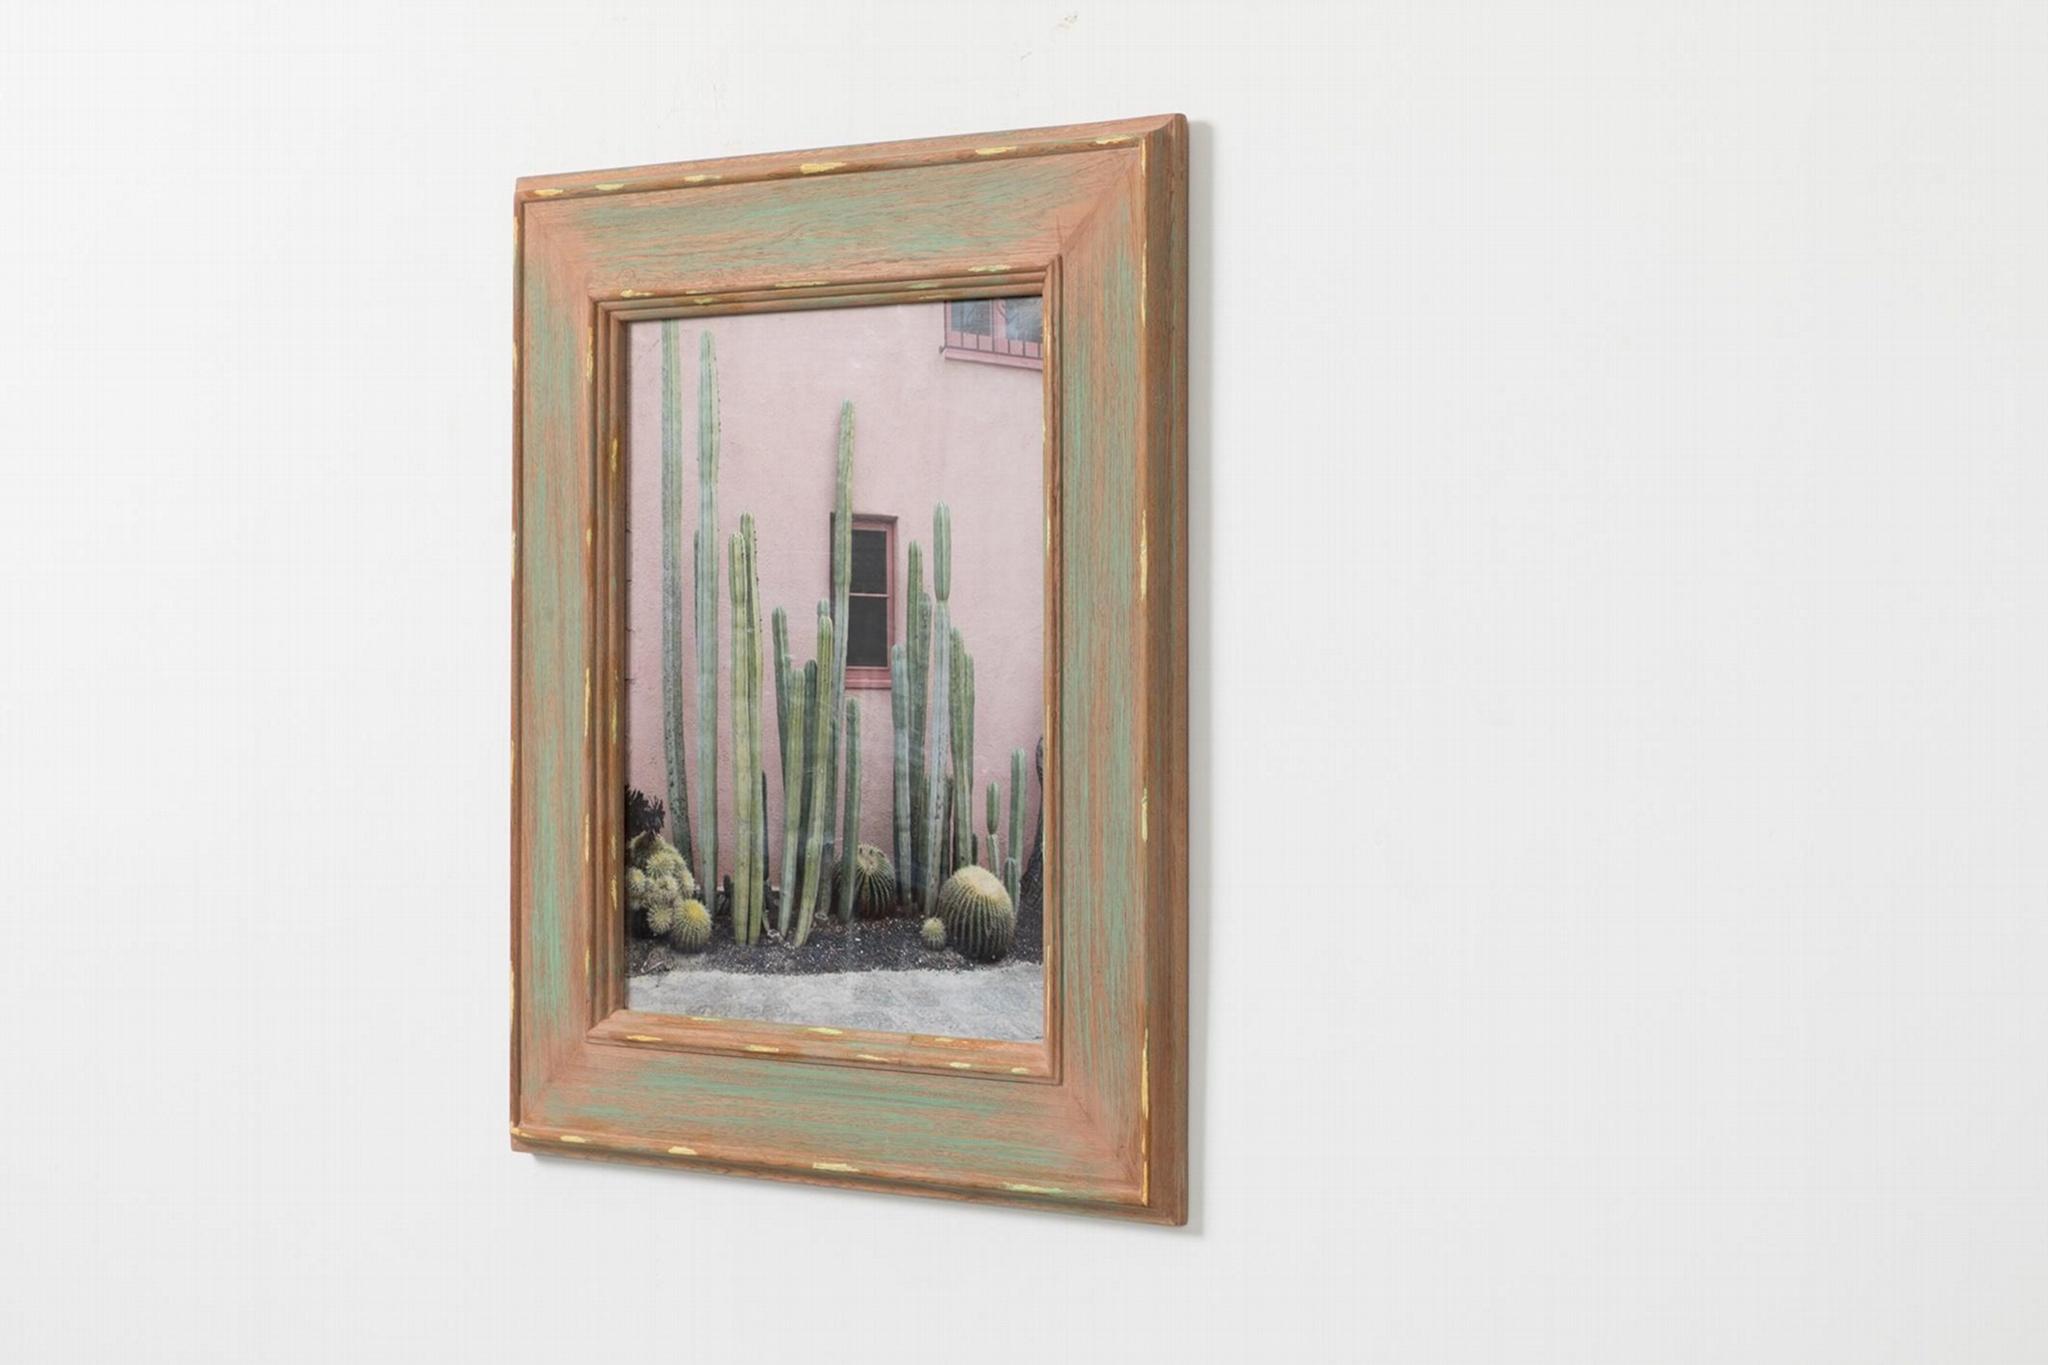 仙人掌相框实木相框北欧风格 2